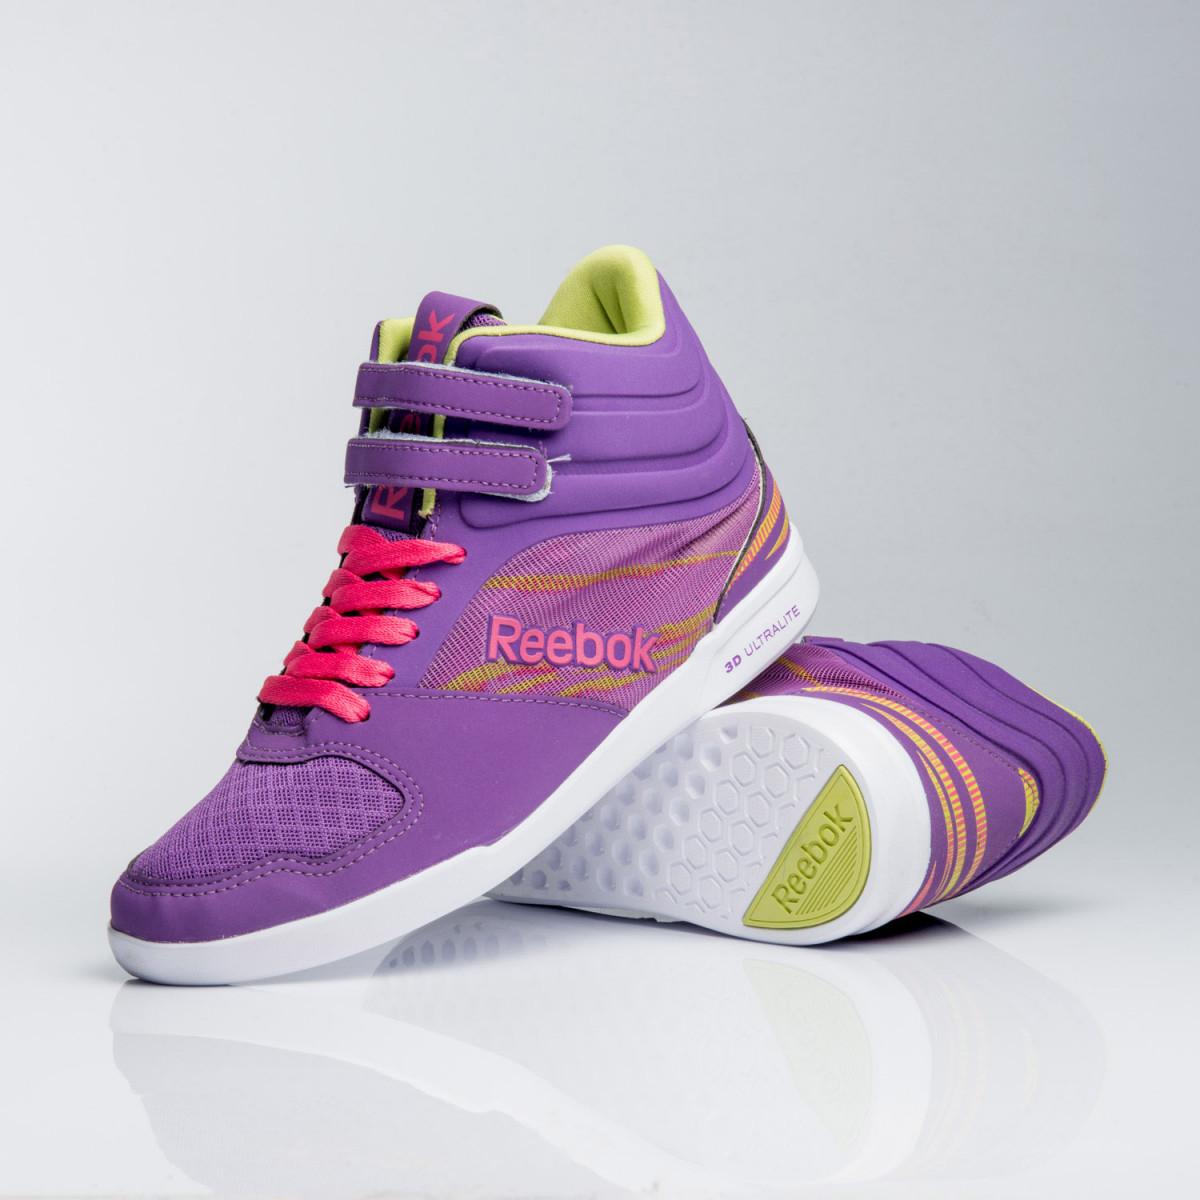 imagenes de zapatos reebok botines grandes